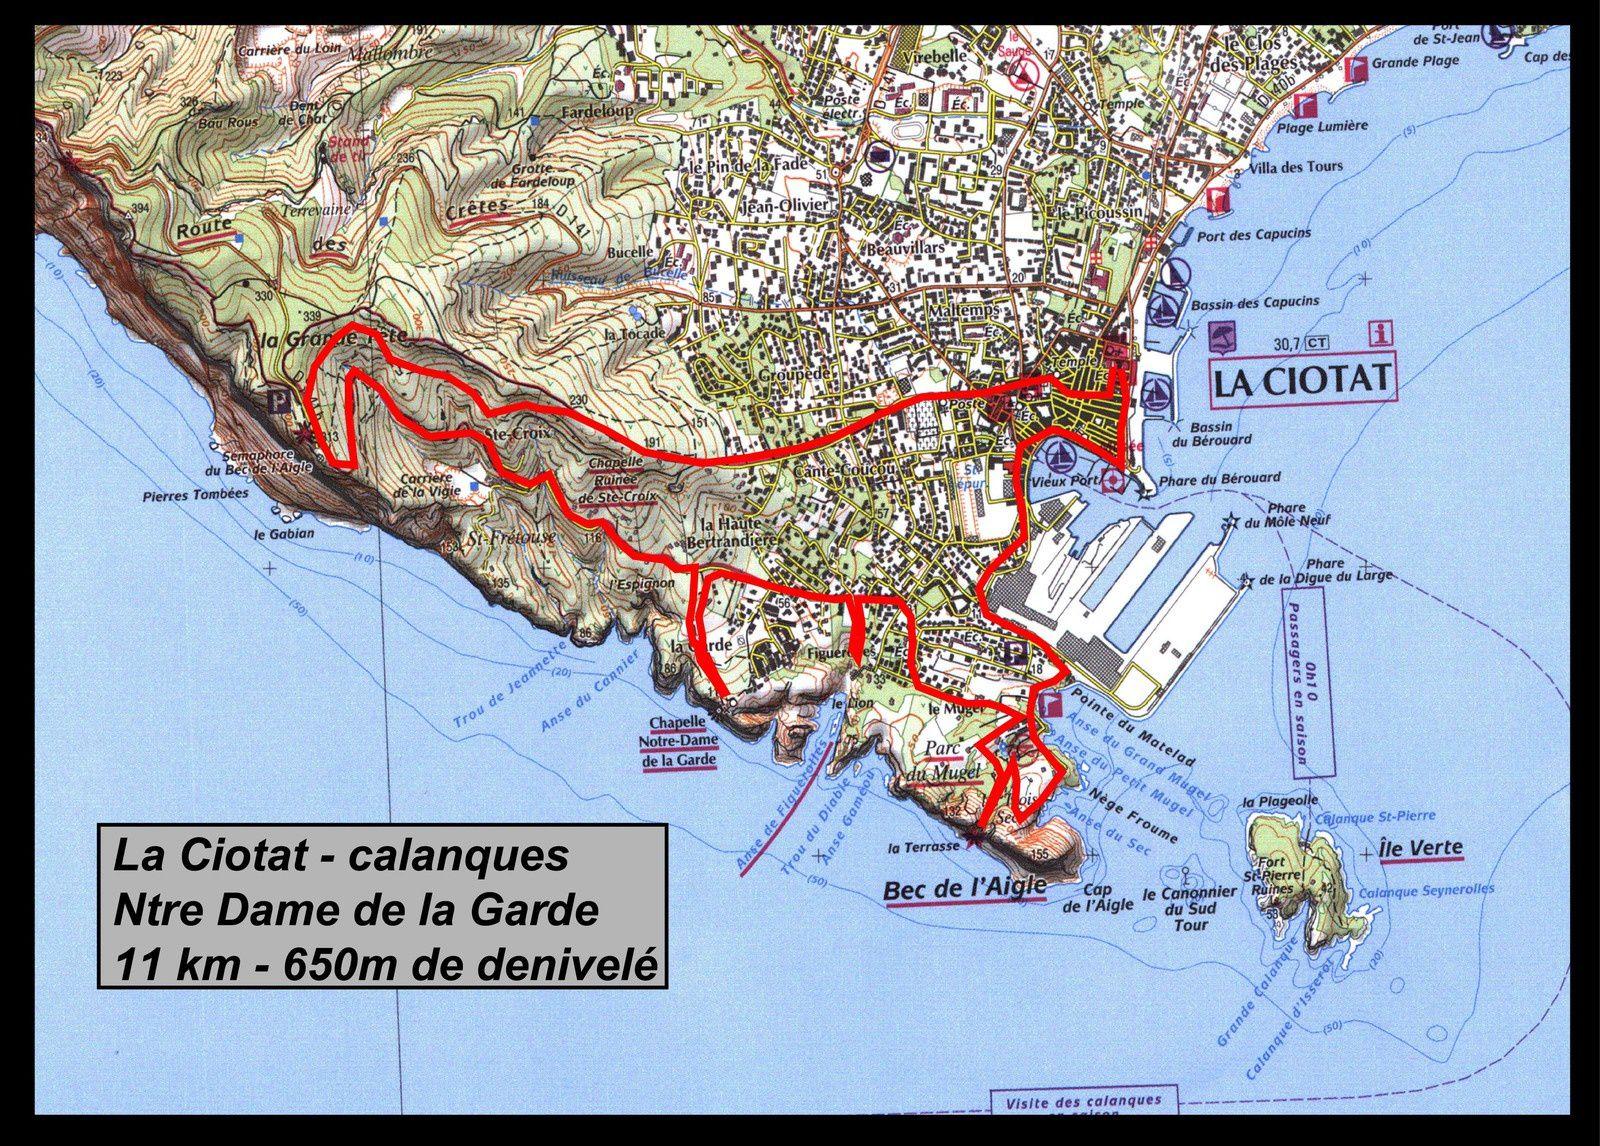 La Ciotat et St Cyr sur Mer